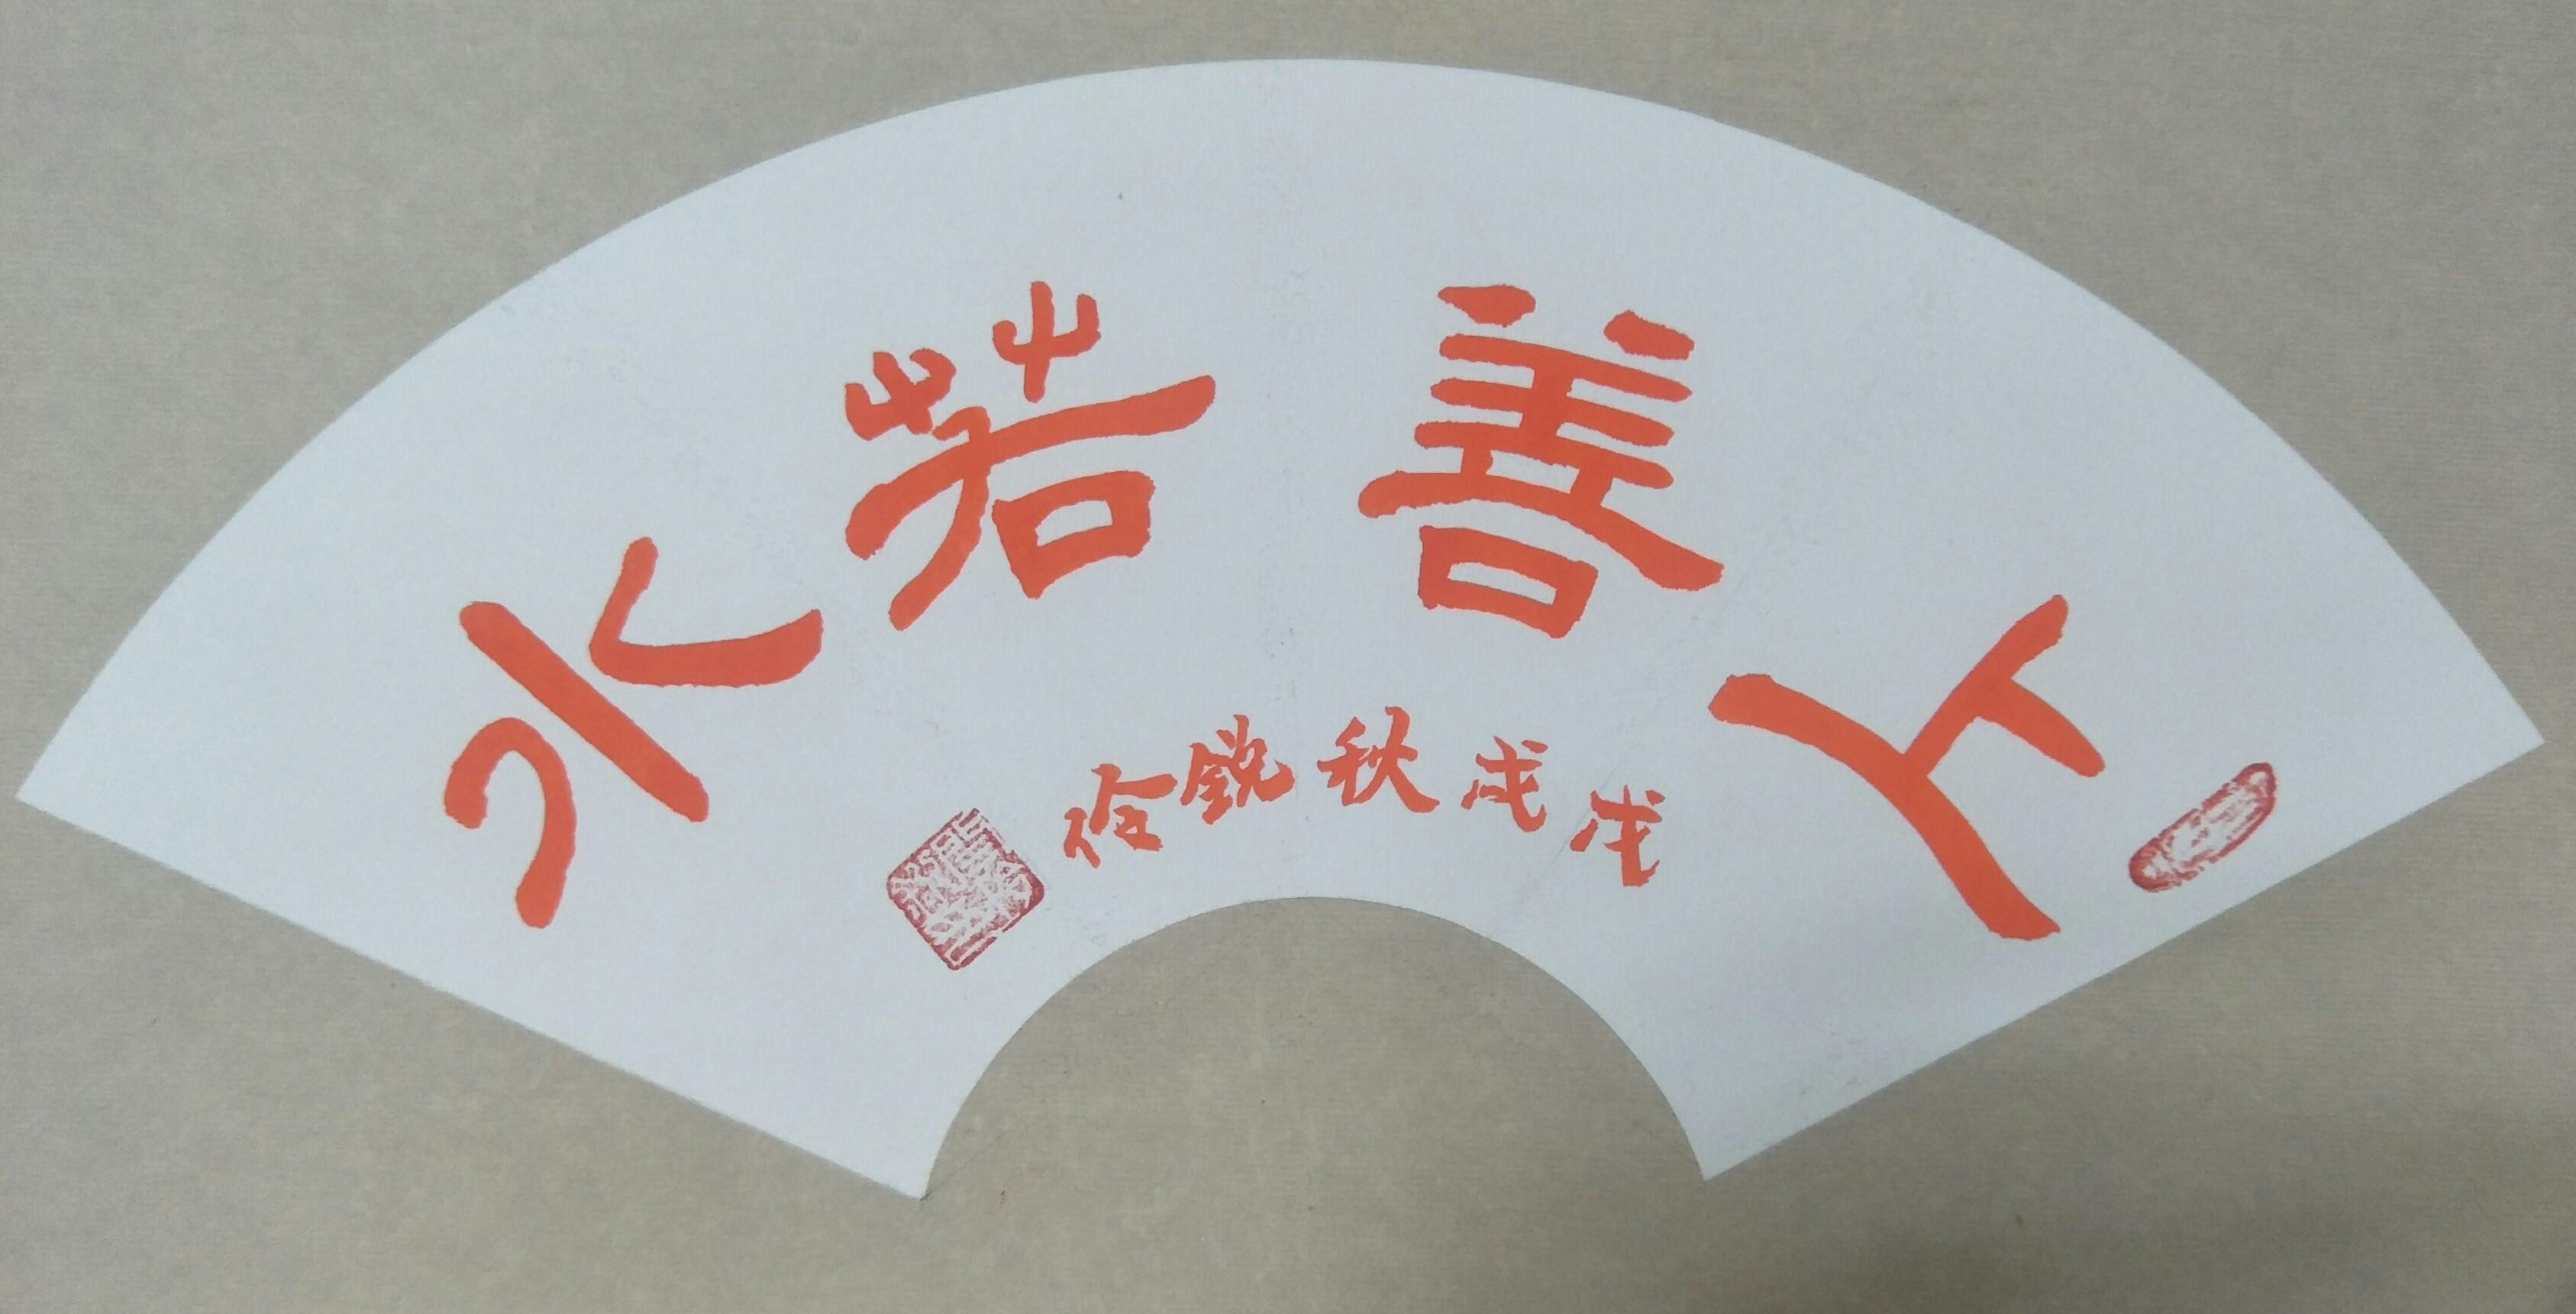 中国书画名家闫锐伶庆建国70周年